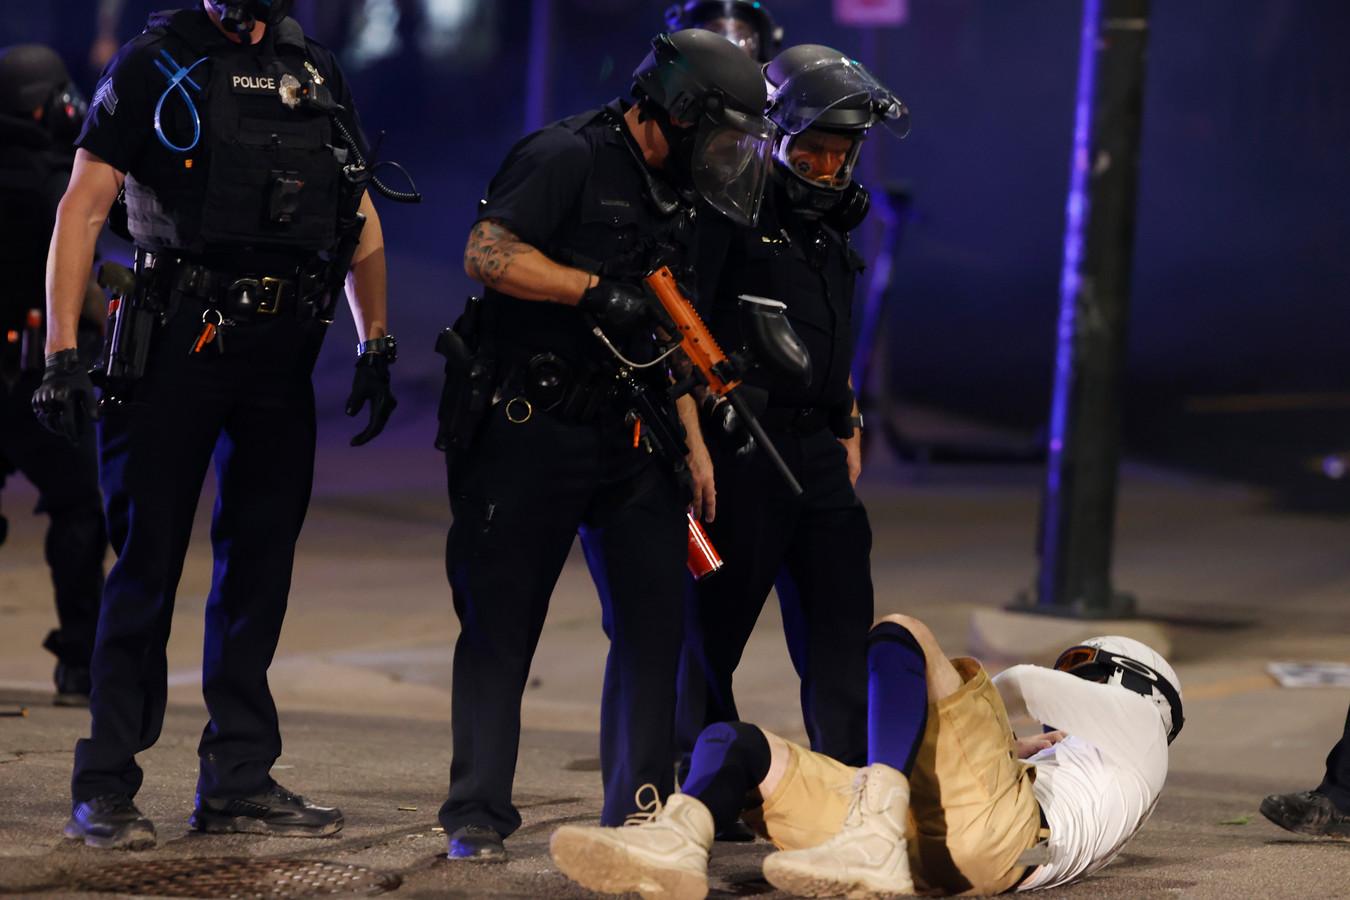 Agenten in Denver houden een man in bedwang nadat de politie optrad tijdens een betoging tegen de dood van George Floyd.